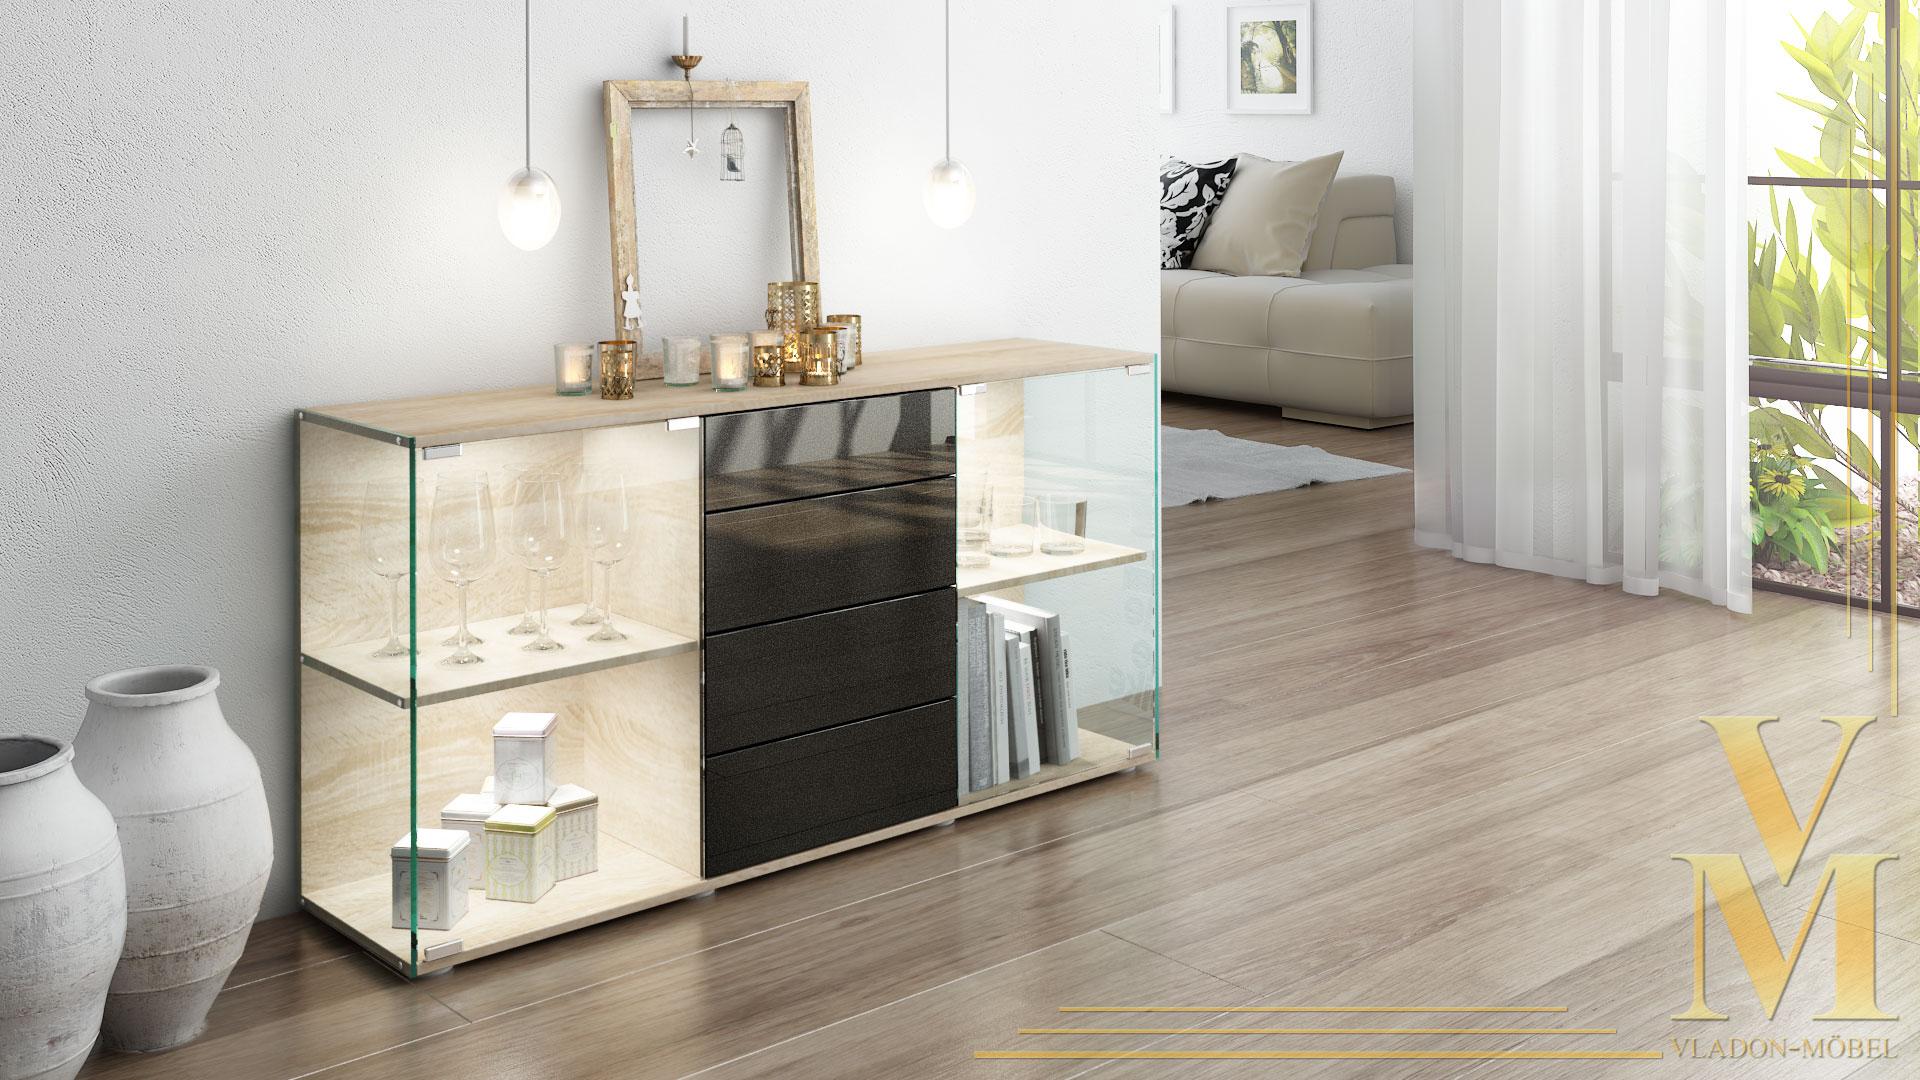 sideboard kommode vitrine anrichte f hr eiche s gerau hochglanz naturt ne ebay. Black Bedroom Furniture Sets. Home Design Ideas